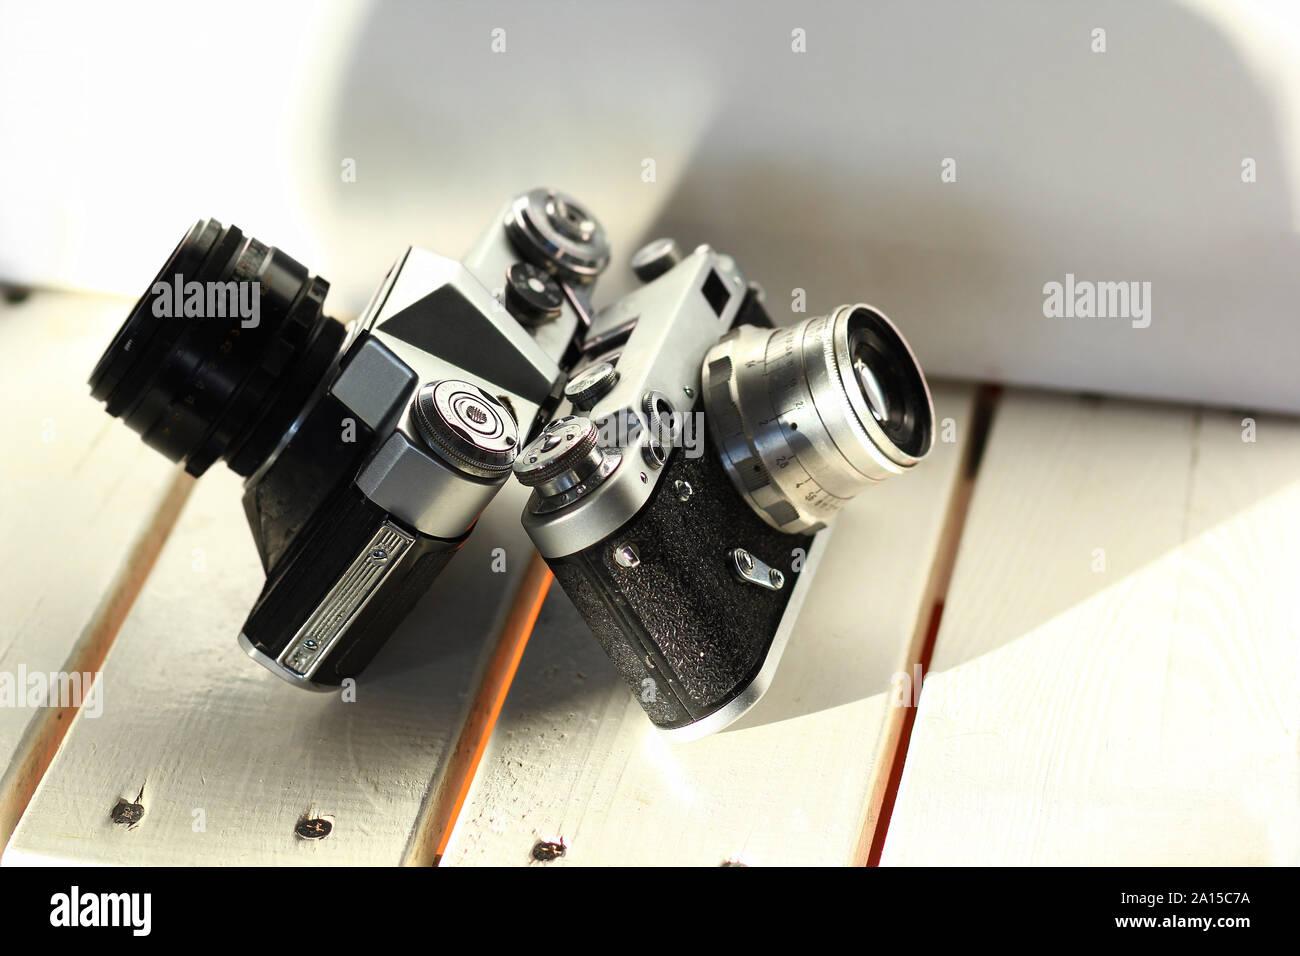 Deux noirs vintage old-school caméras photo film blanc sur les planches en bois, intérieur ensoleillé Banque D'Images